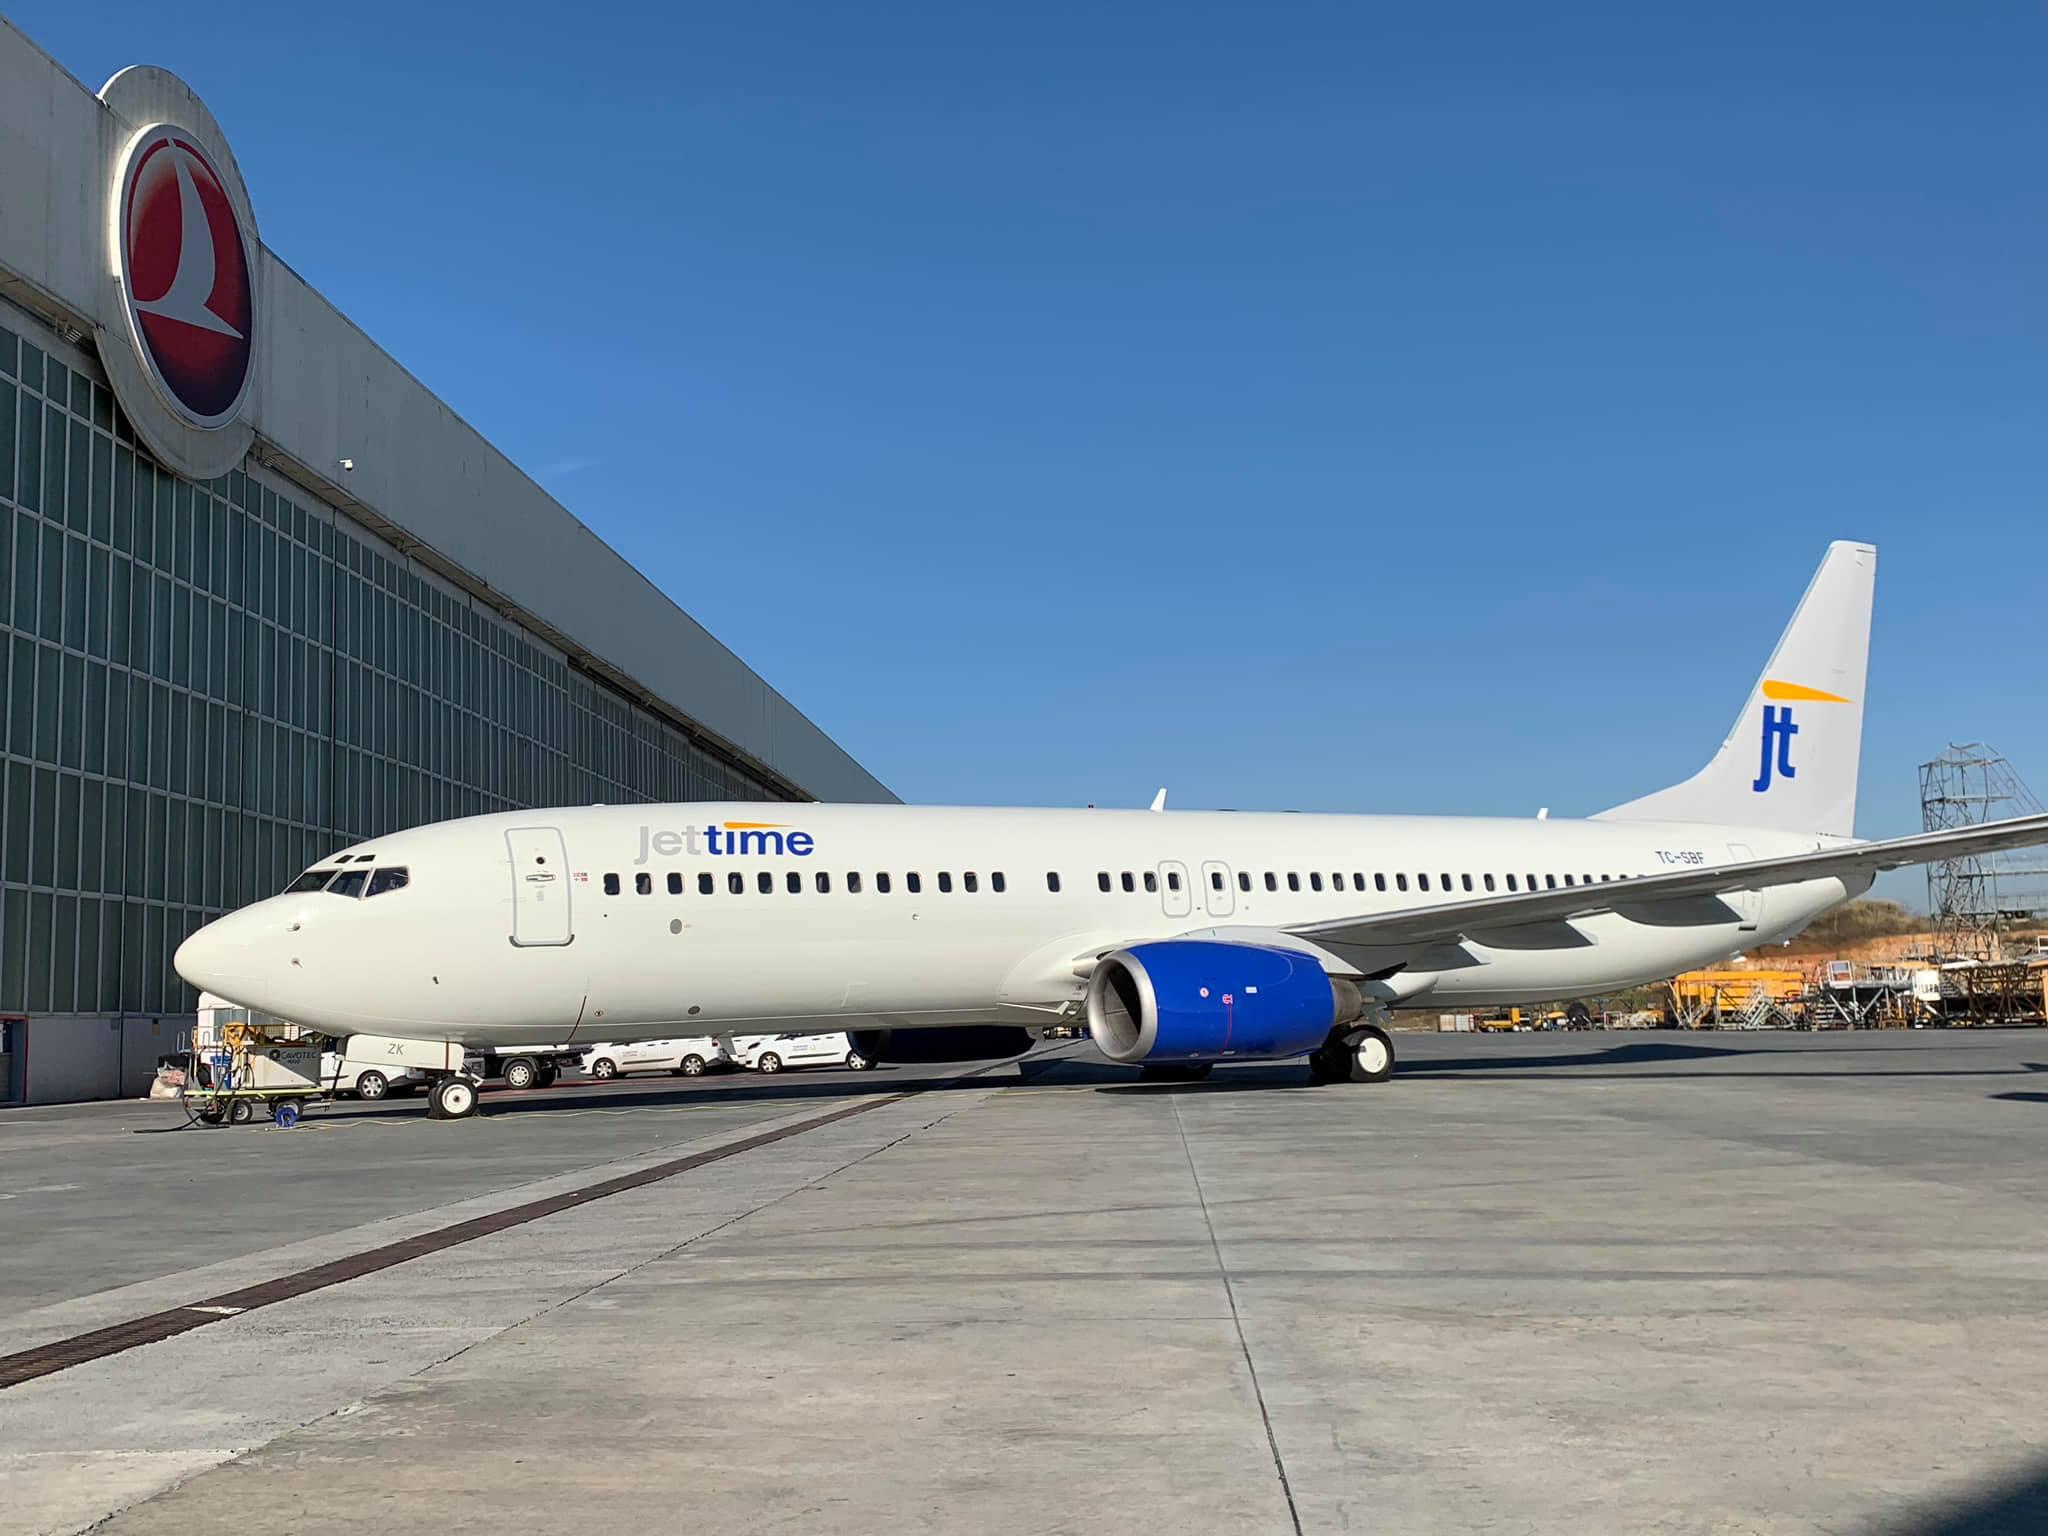 Boeing 737-800 (TC-SBF) fra Anadolu Jet er på vej til Jet Time som OY-JZK. (Foto: Gökhan Sarıgöl)